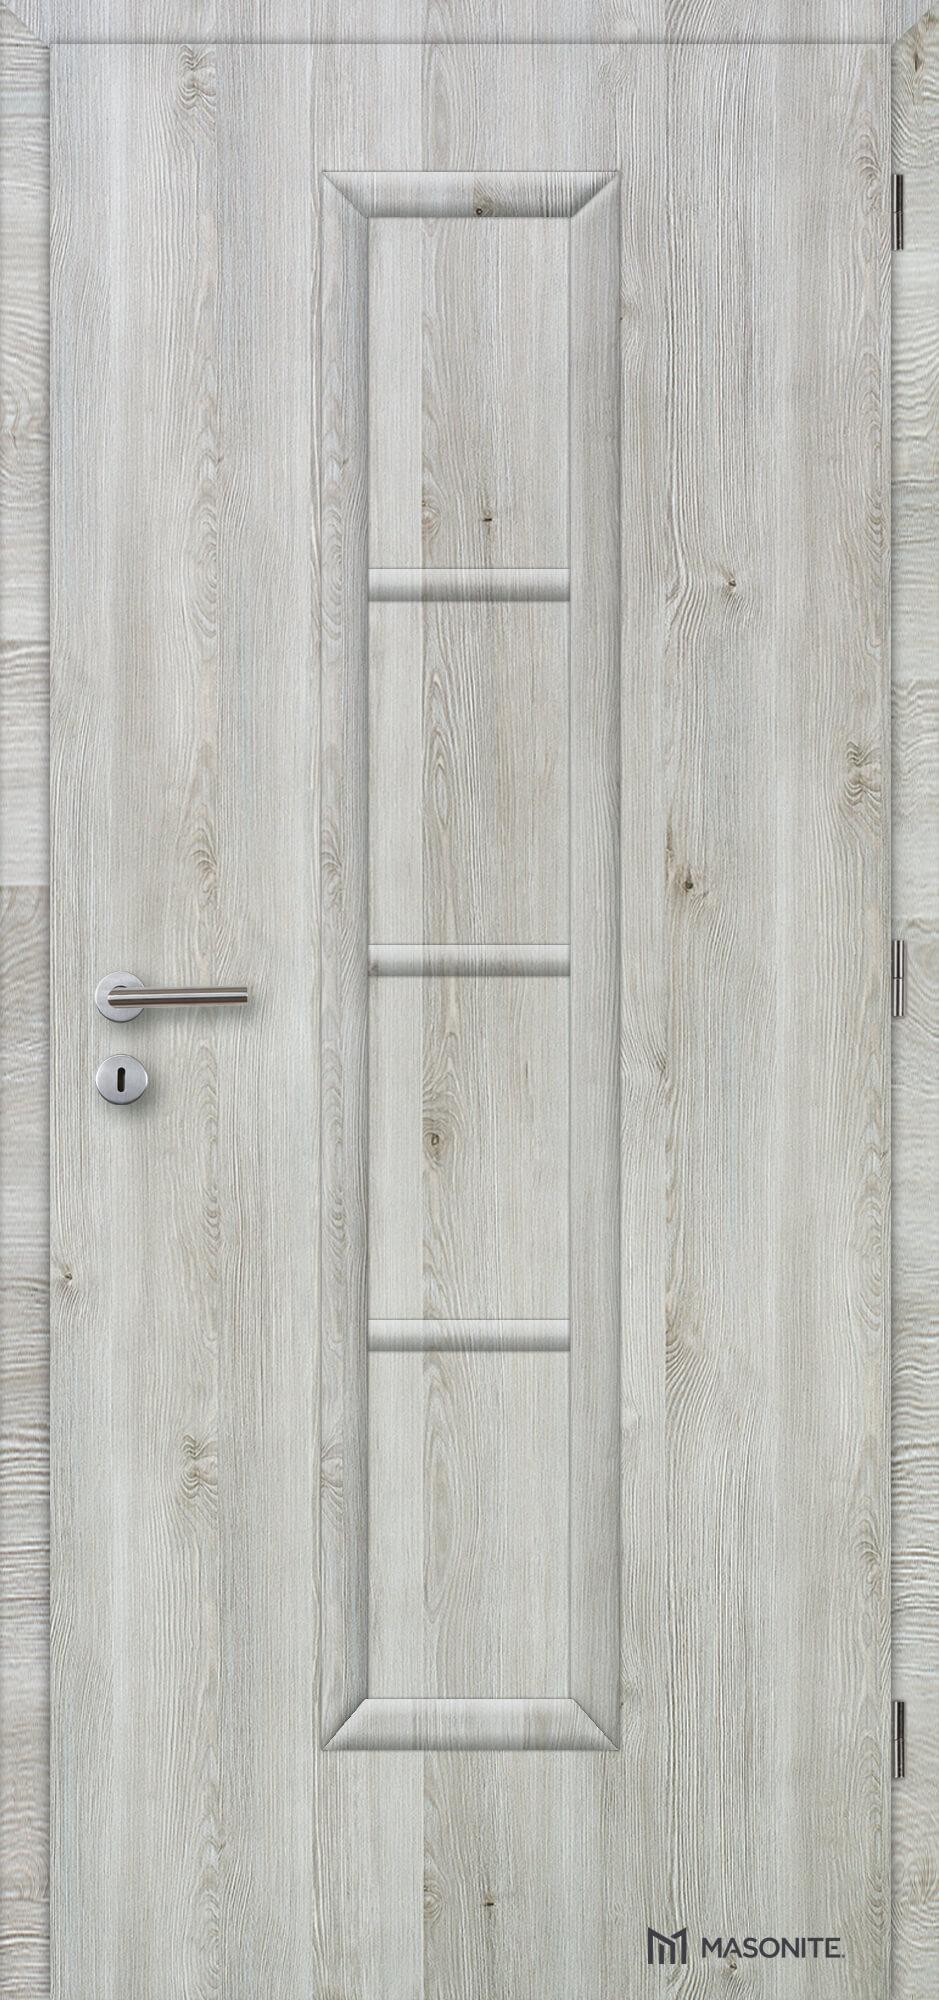 Interiérové dveře Masonite AXIS  plné CPL premium